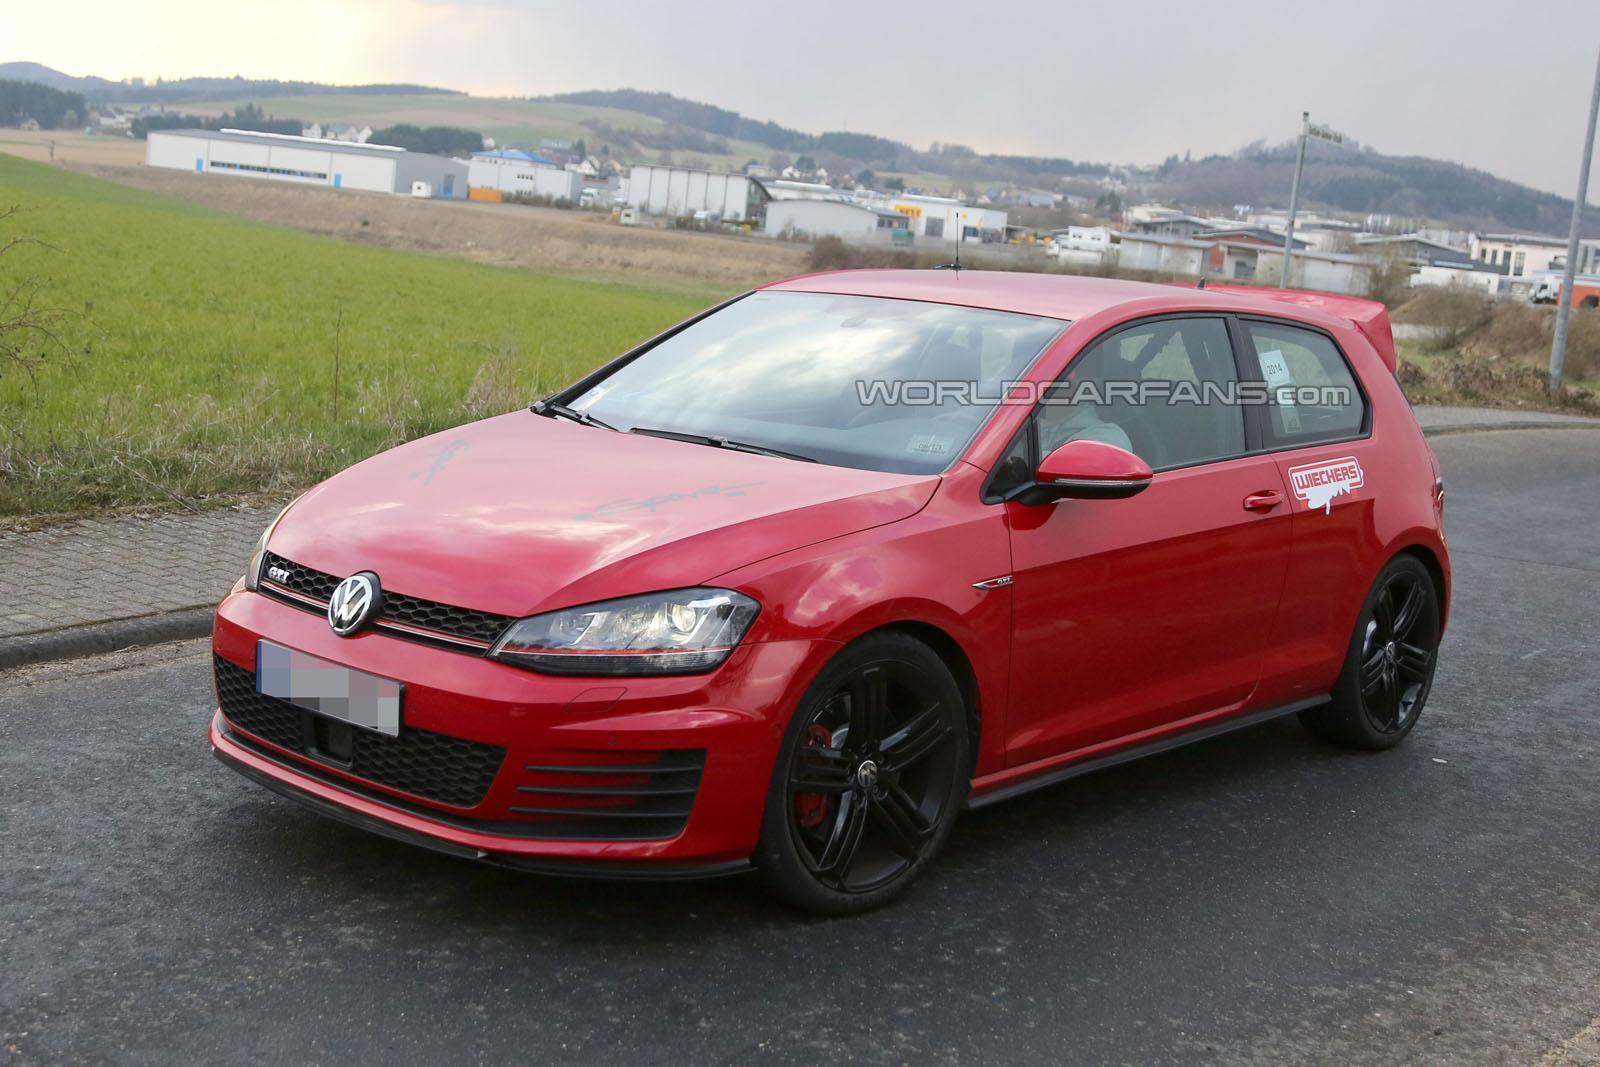 Volkswagen Cars - Ne